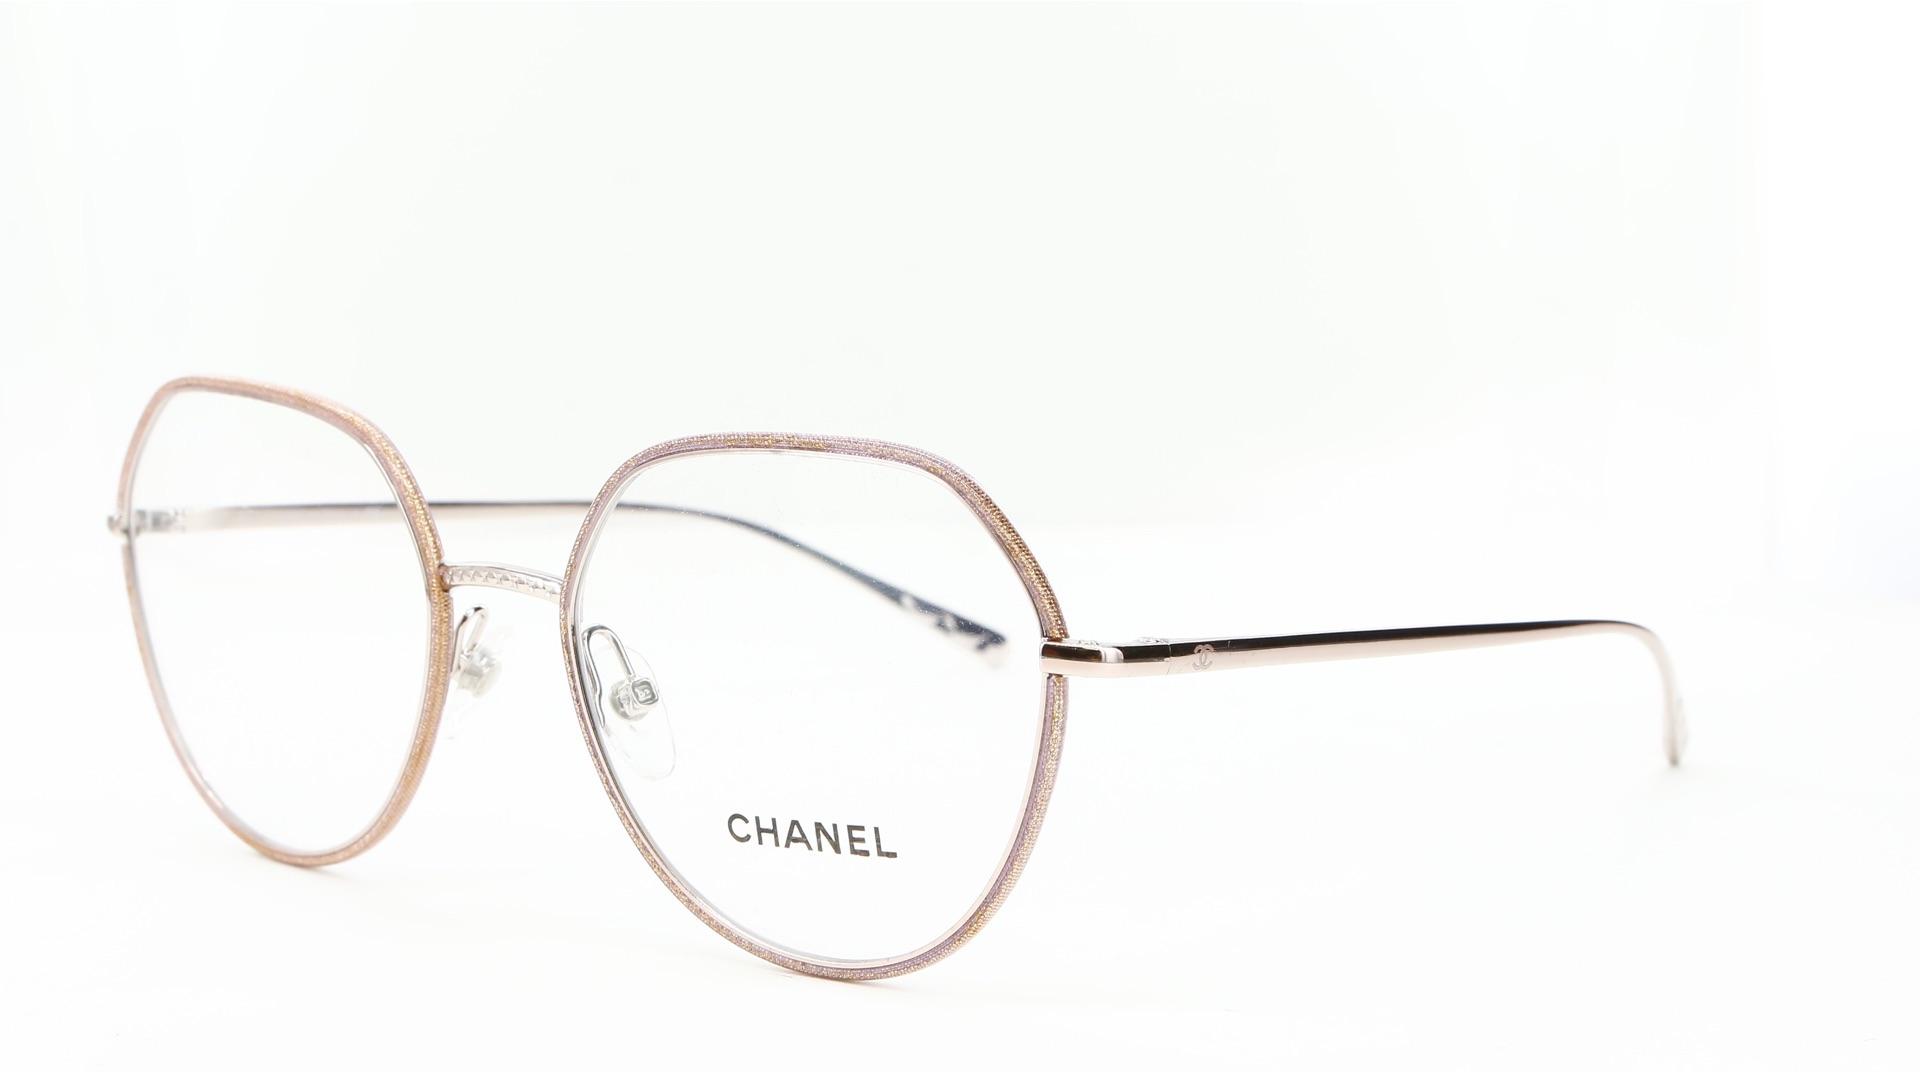 Chanel - ref: 82512